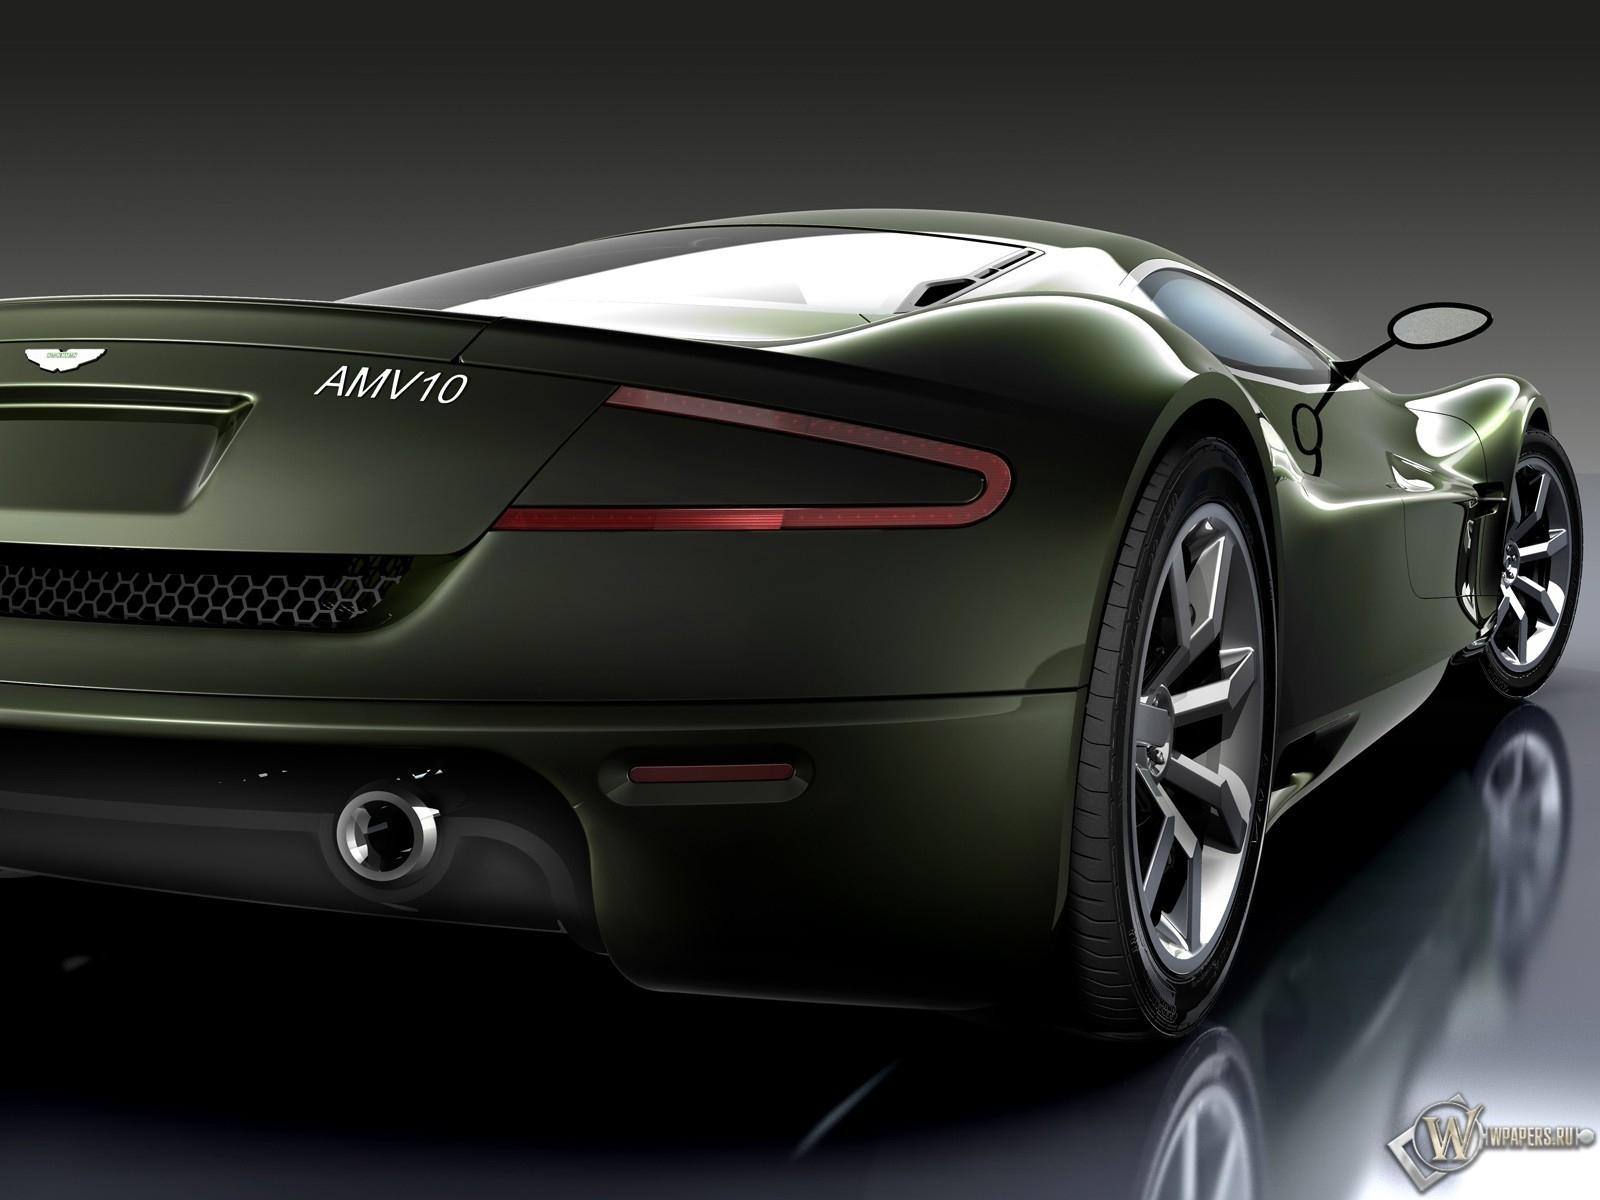 Aston Martin AMV10 concept 1600x1200